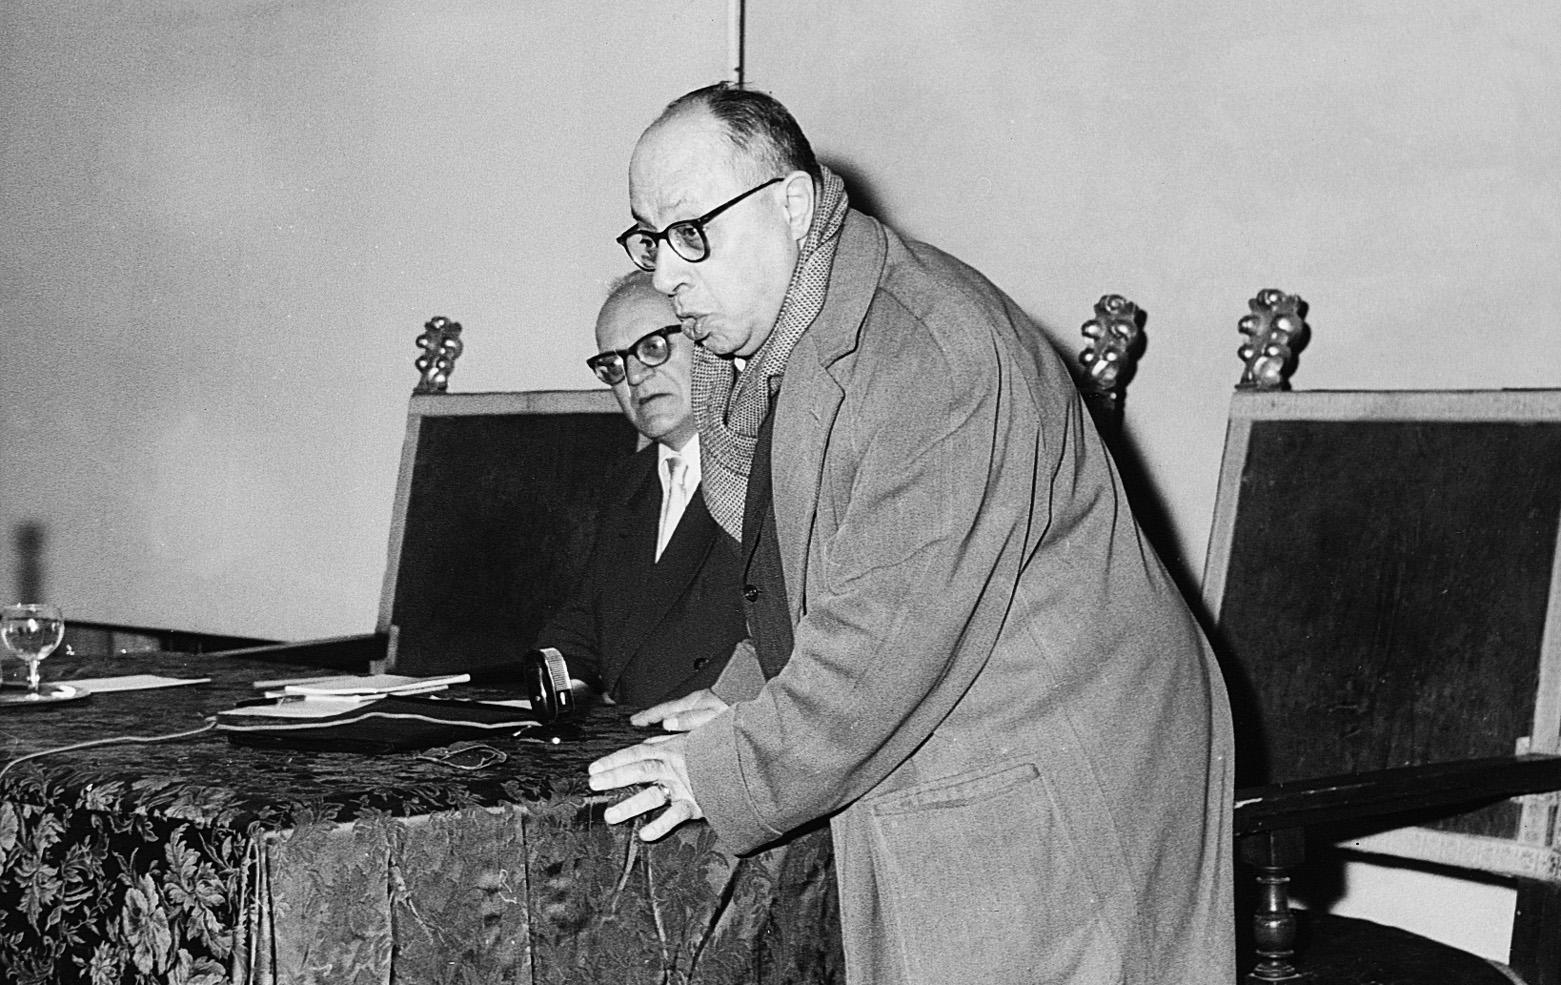 Carlo Cecchelli (1893-1960)